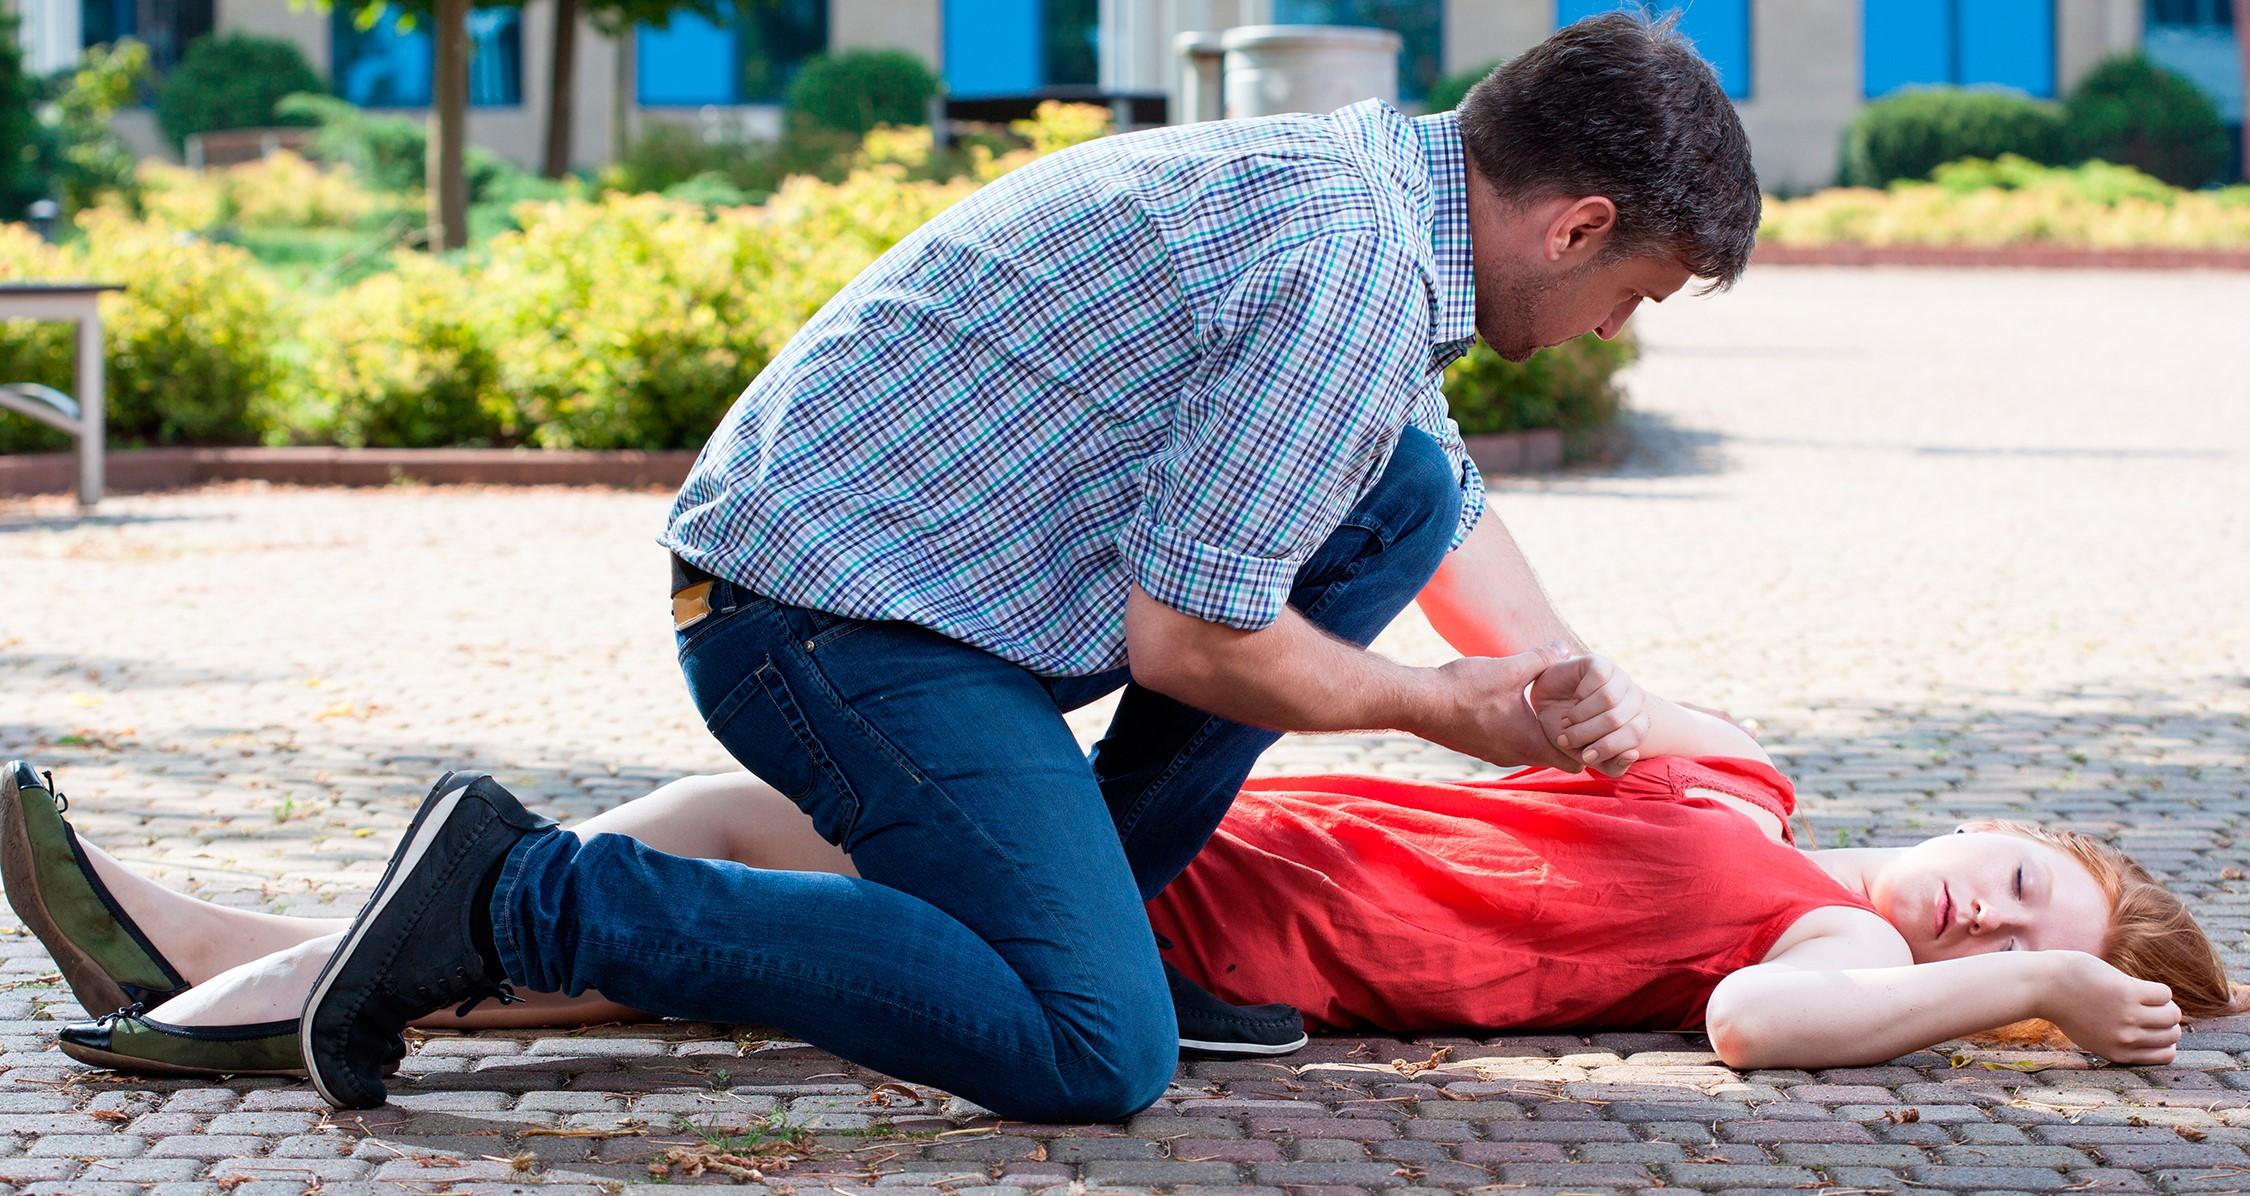 Потеря сознания ребенком - причины, первая помощь